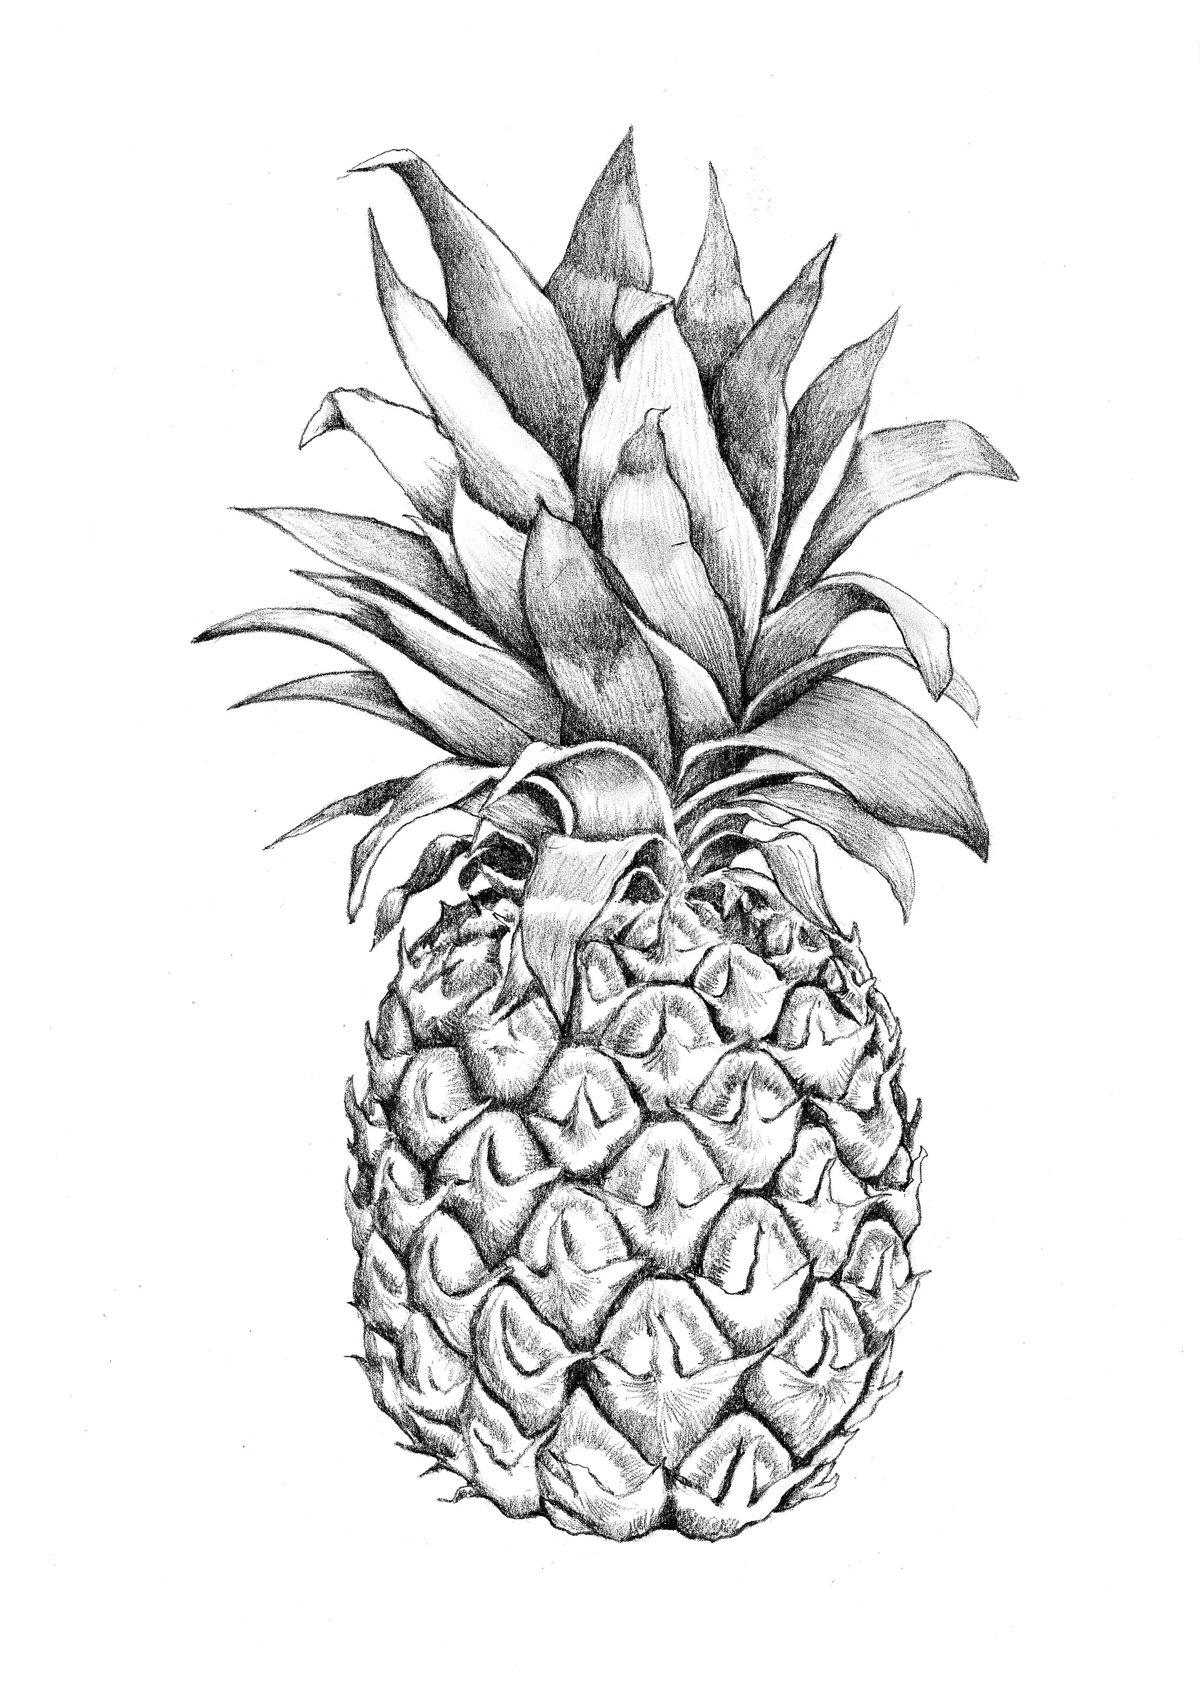 ваш ананас черно белый картинки возможно через